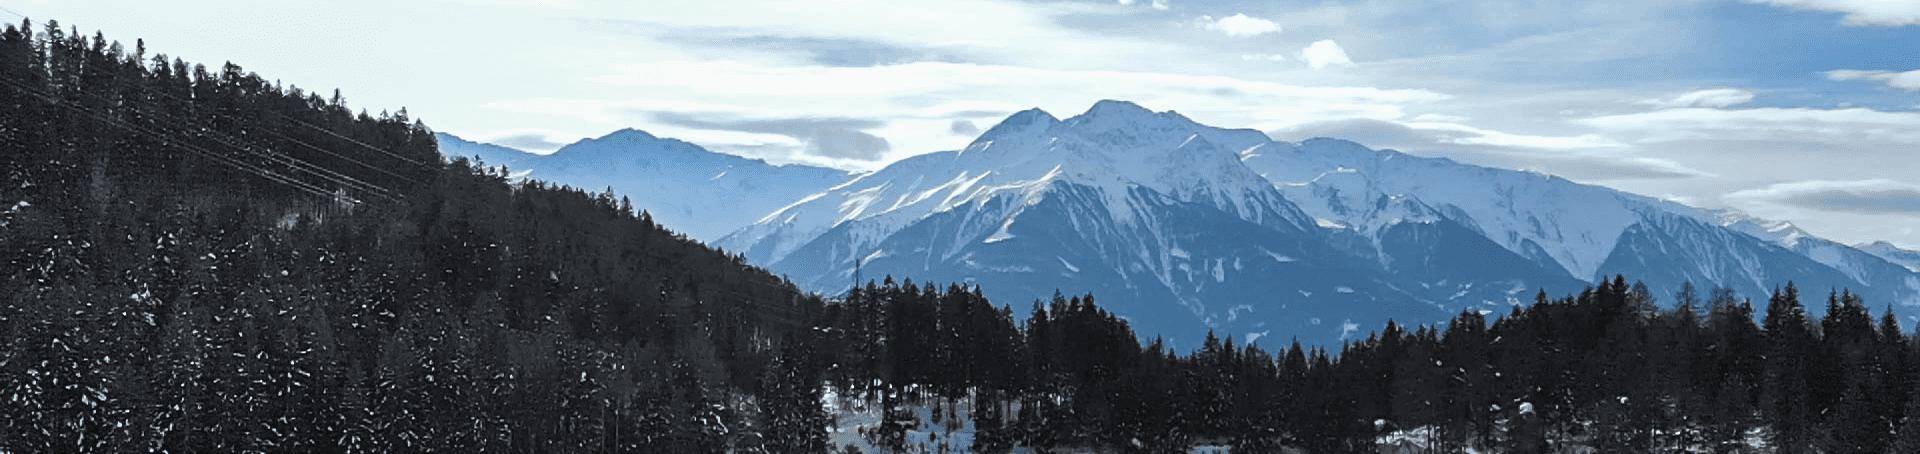 Der Ausblick auf die Berge beim Lottensee in Österreich